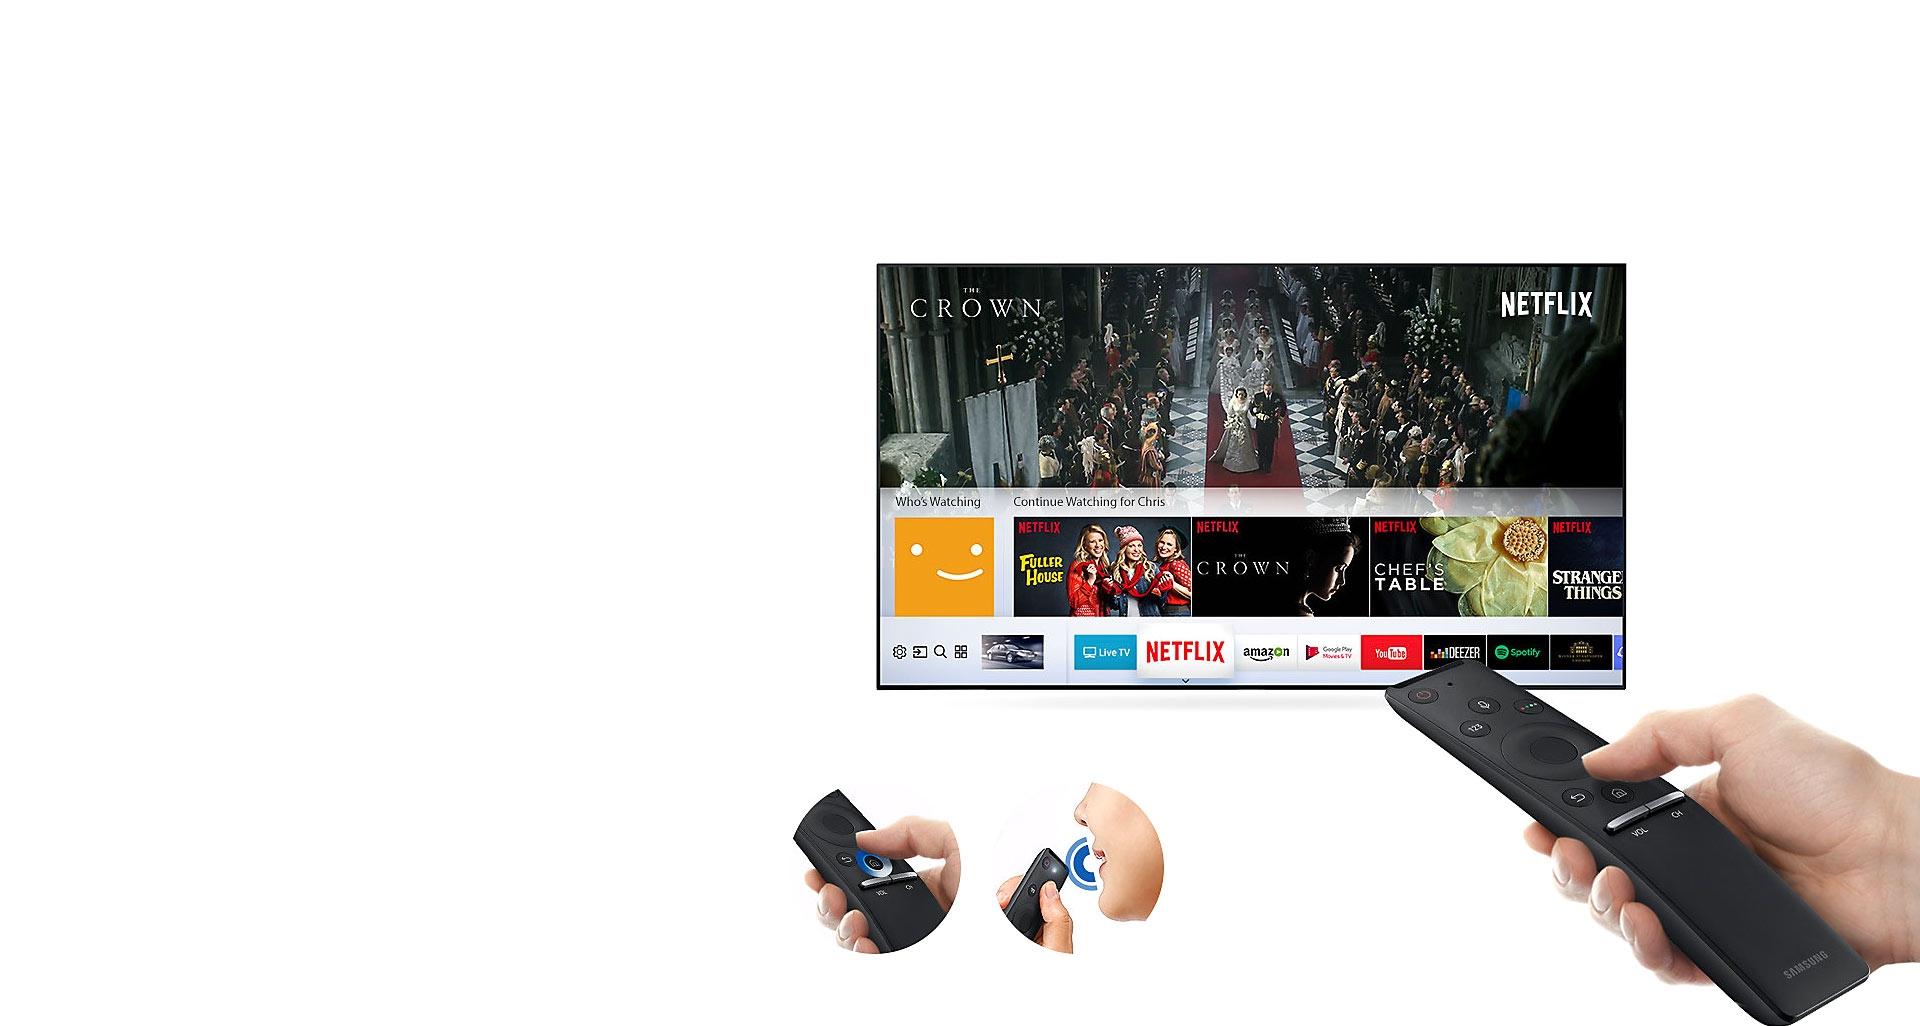 تلویزیون اسمارت سامسونگ با کنترل هوشمند